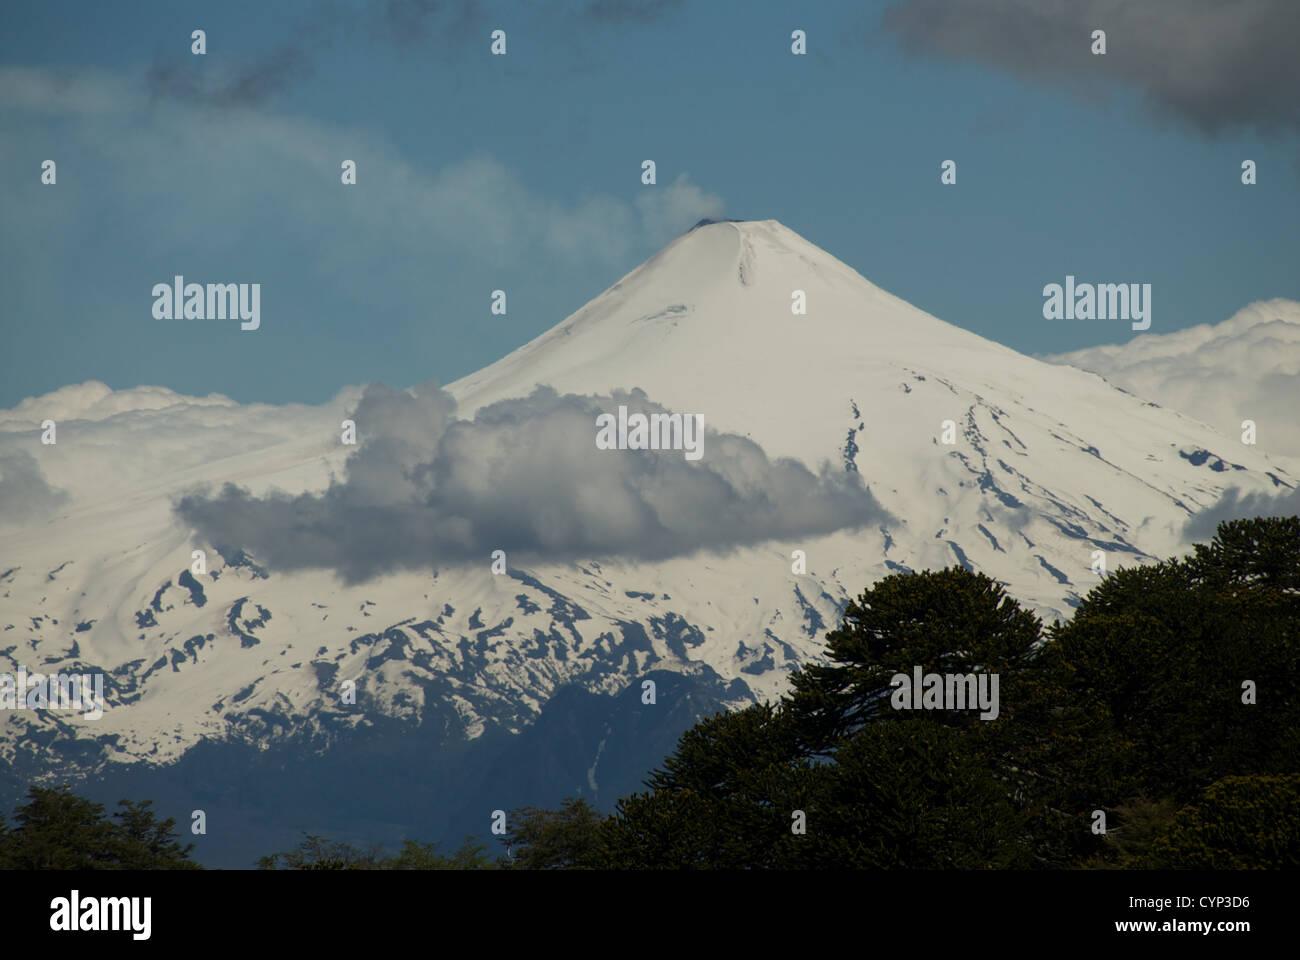 Volcan Villarrica und Fumarole, Patagonien, Chile Stockbild